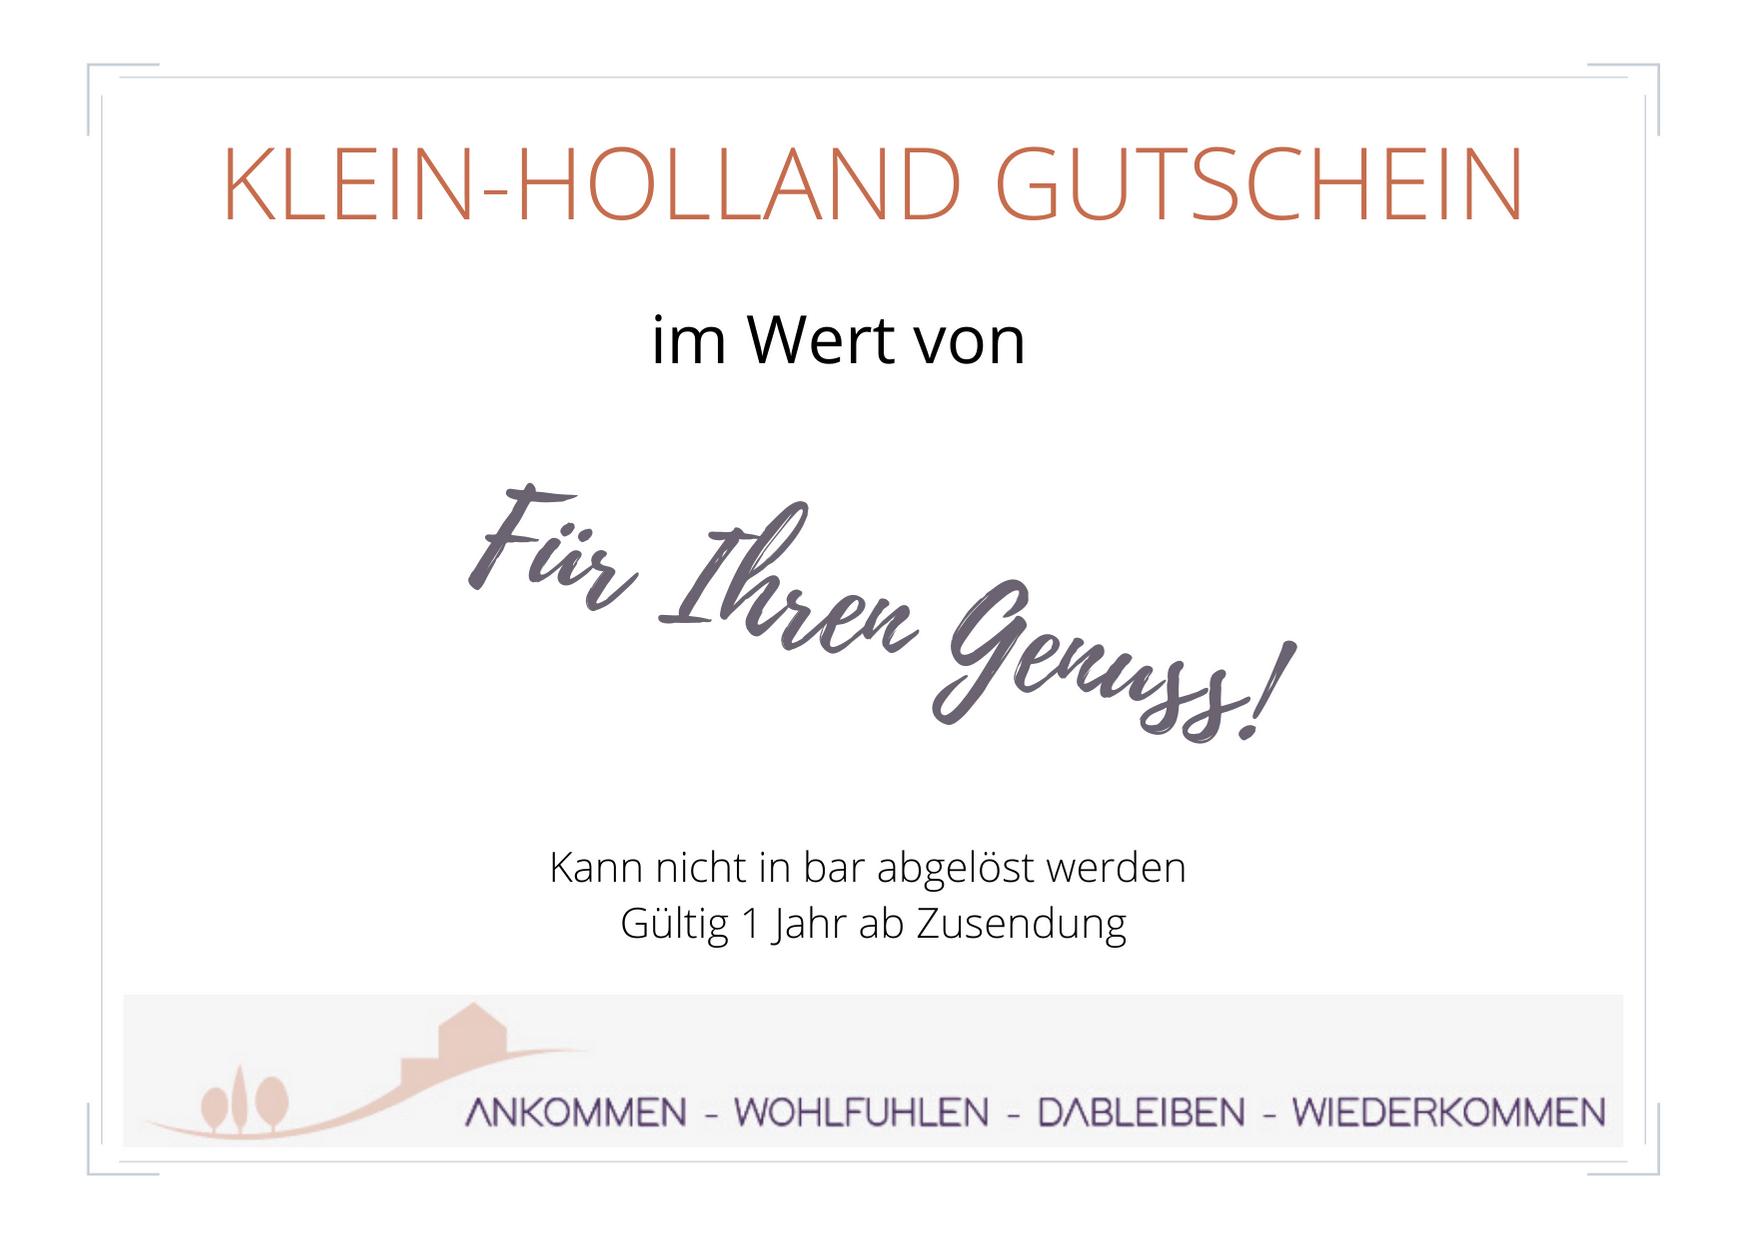 Klein-Holland Voucher